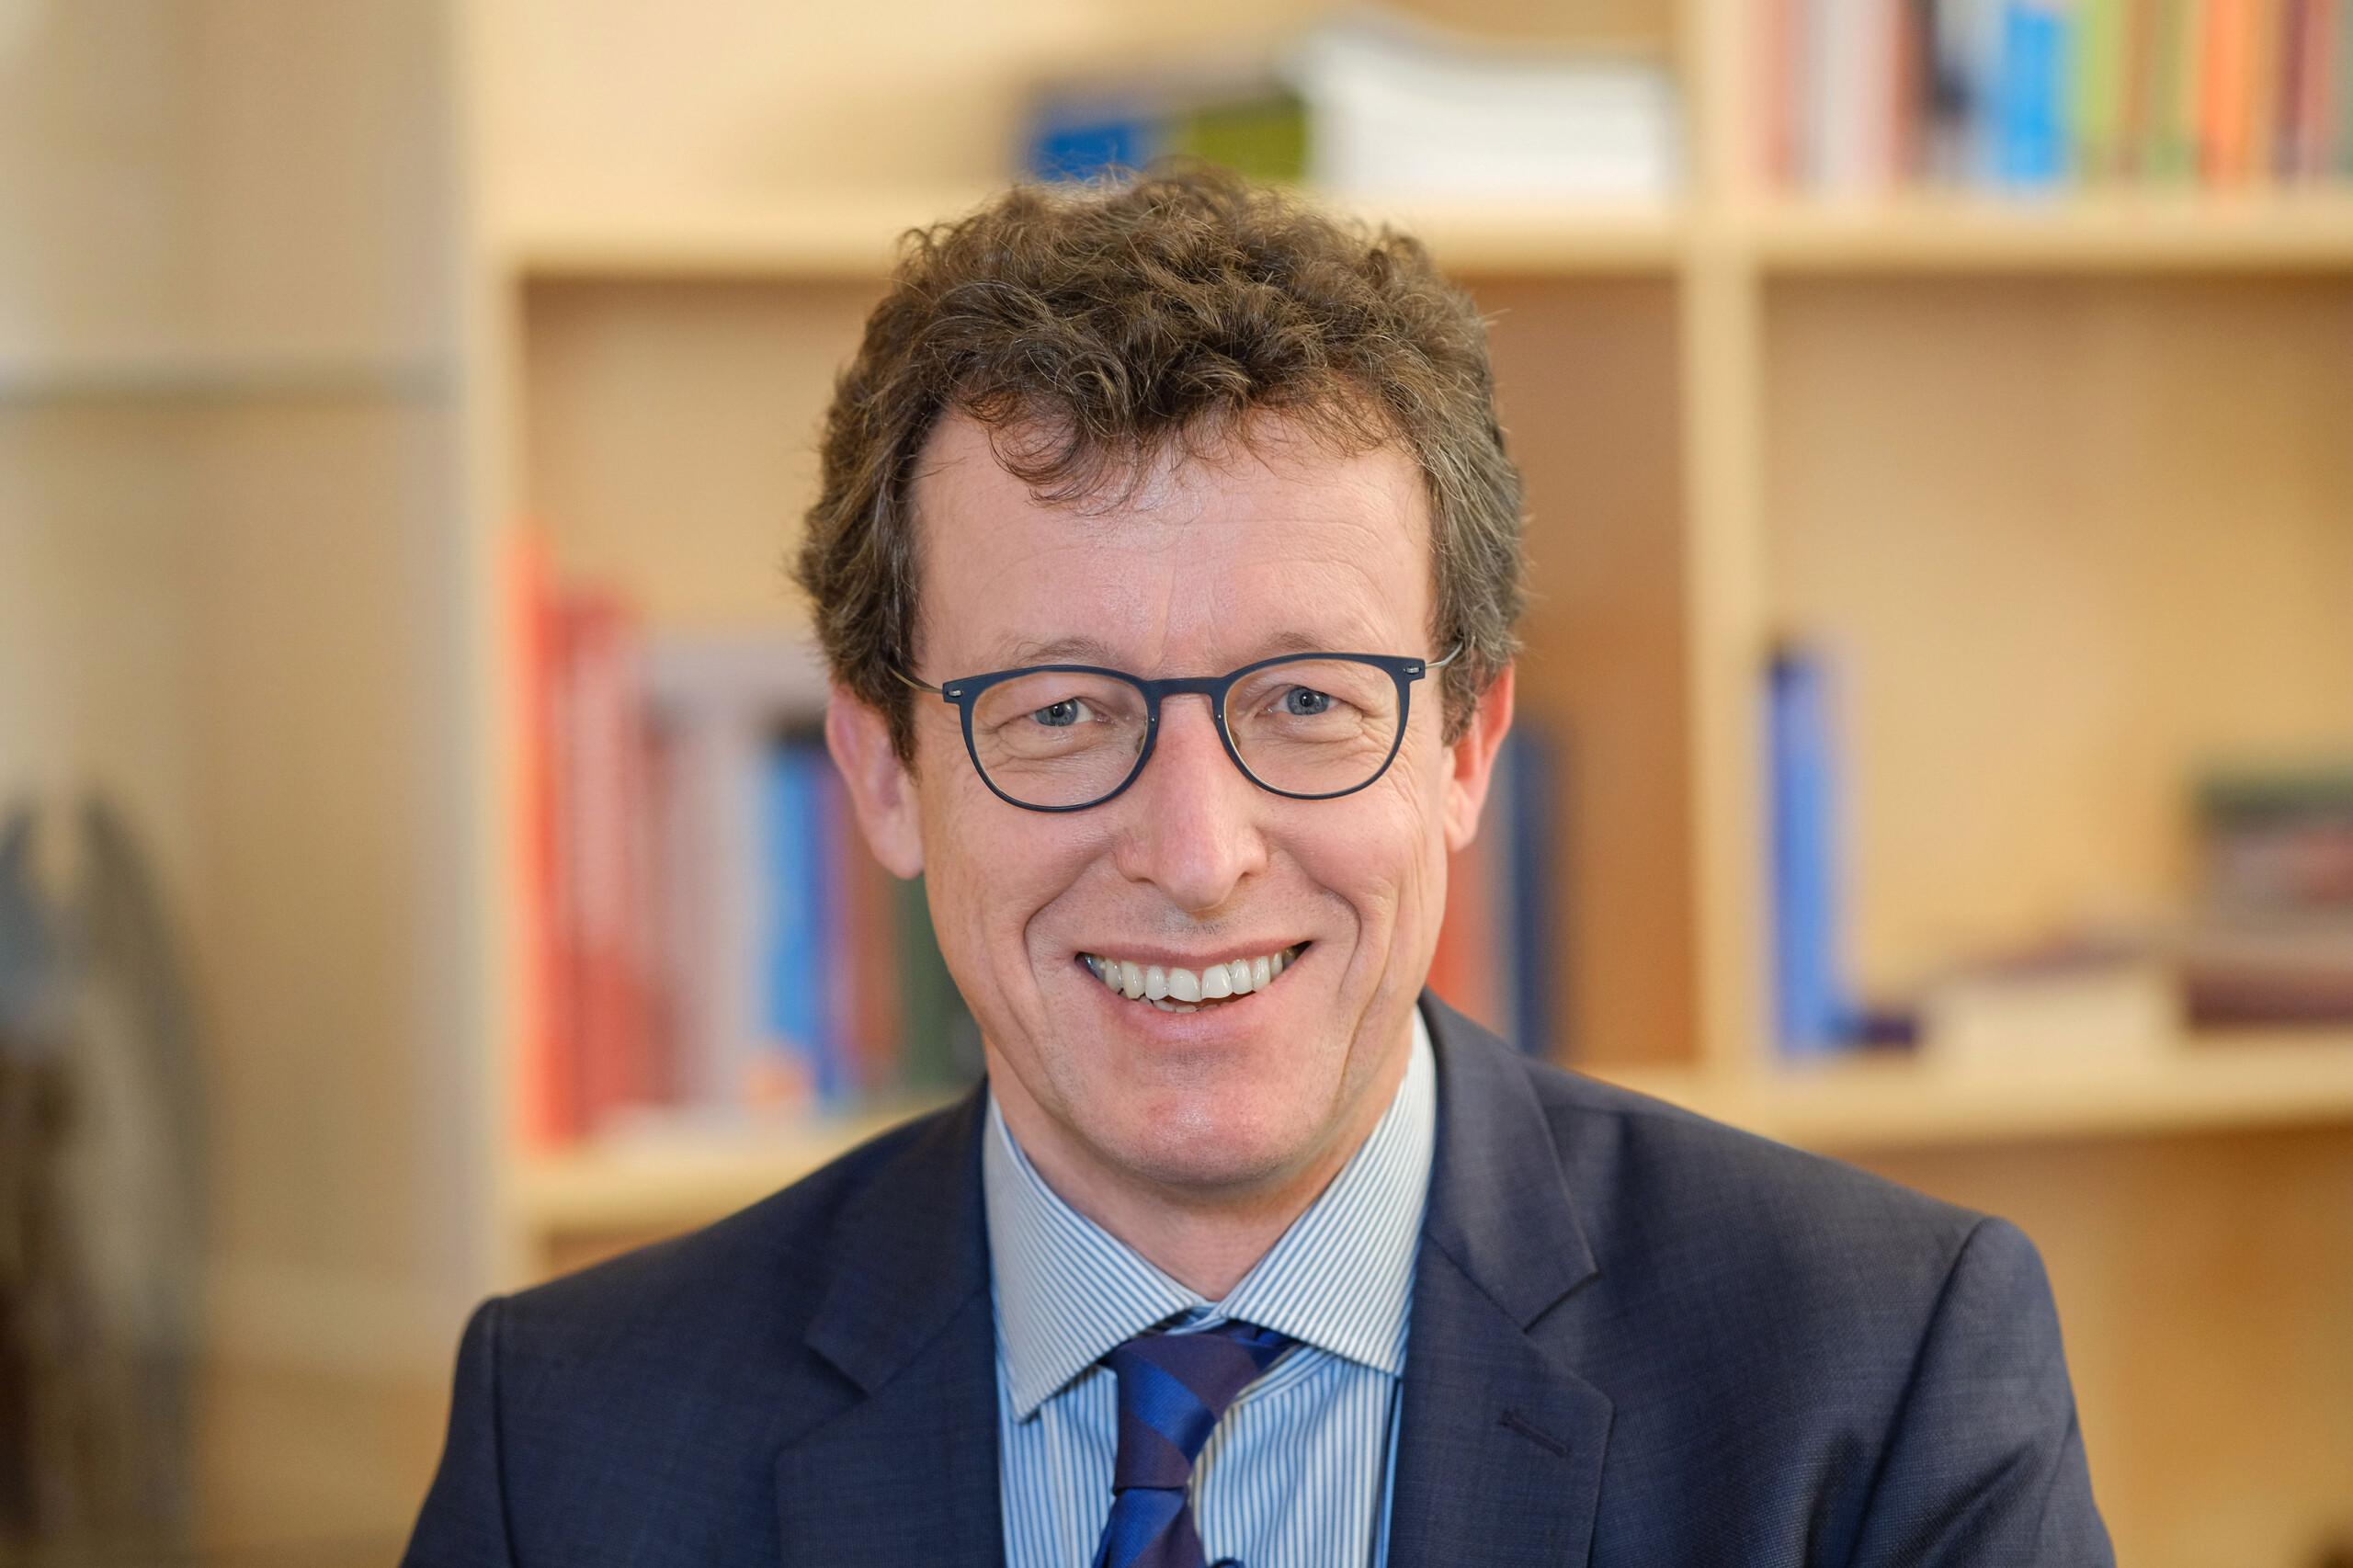 Ralph Charbonnier, Geistlicher Vizepräsident des Landeskirchenamtes in Hannover